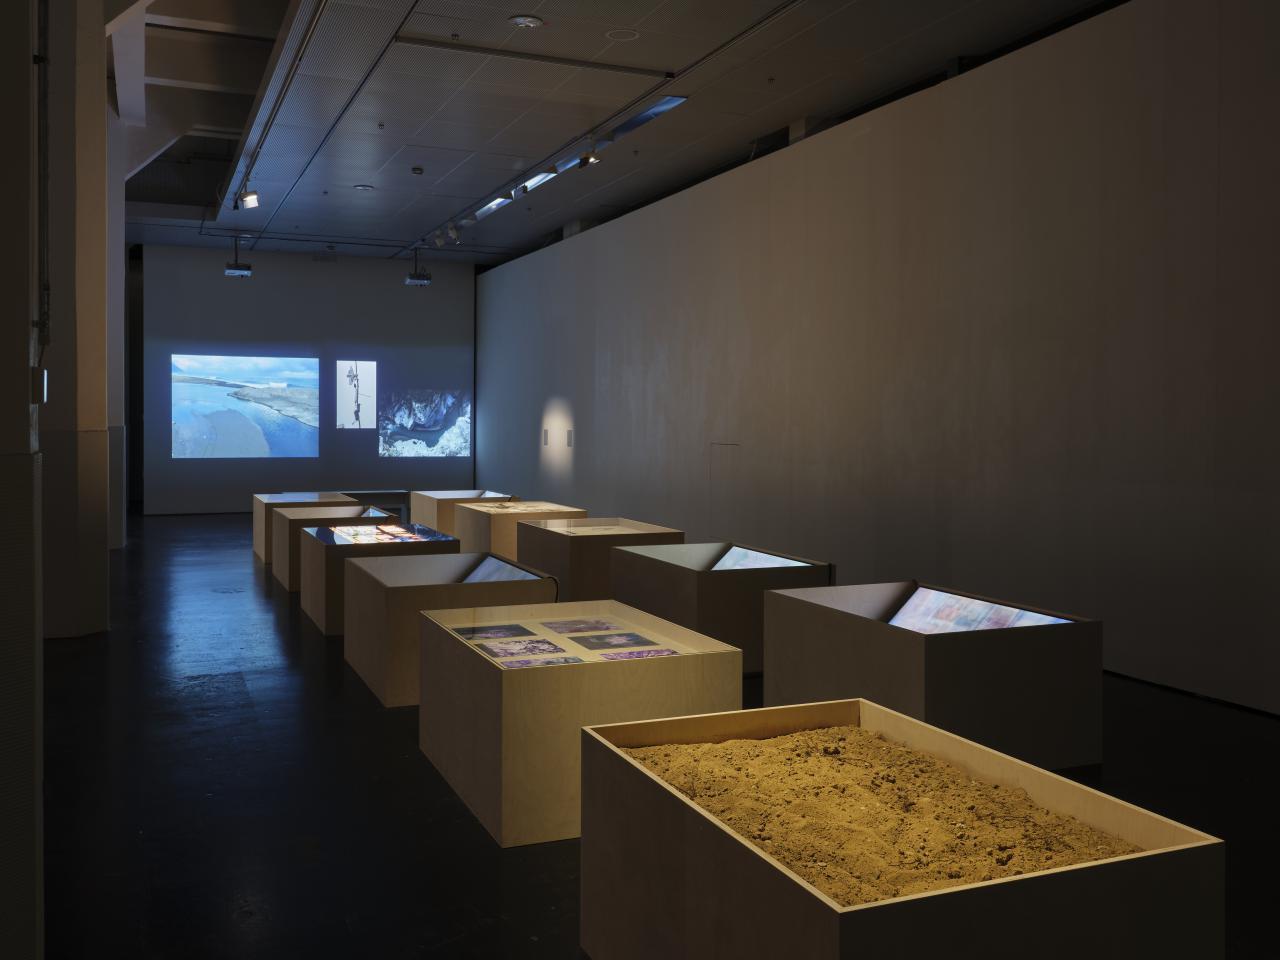 Zu sehen sind große Vitrinen vor einer weißen Wand. In den Vitrinen sind Bildschirme mit Videos und Fotos zu sehen.